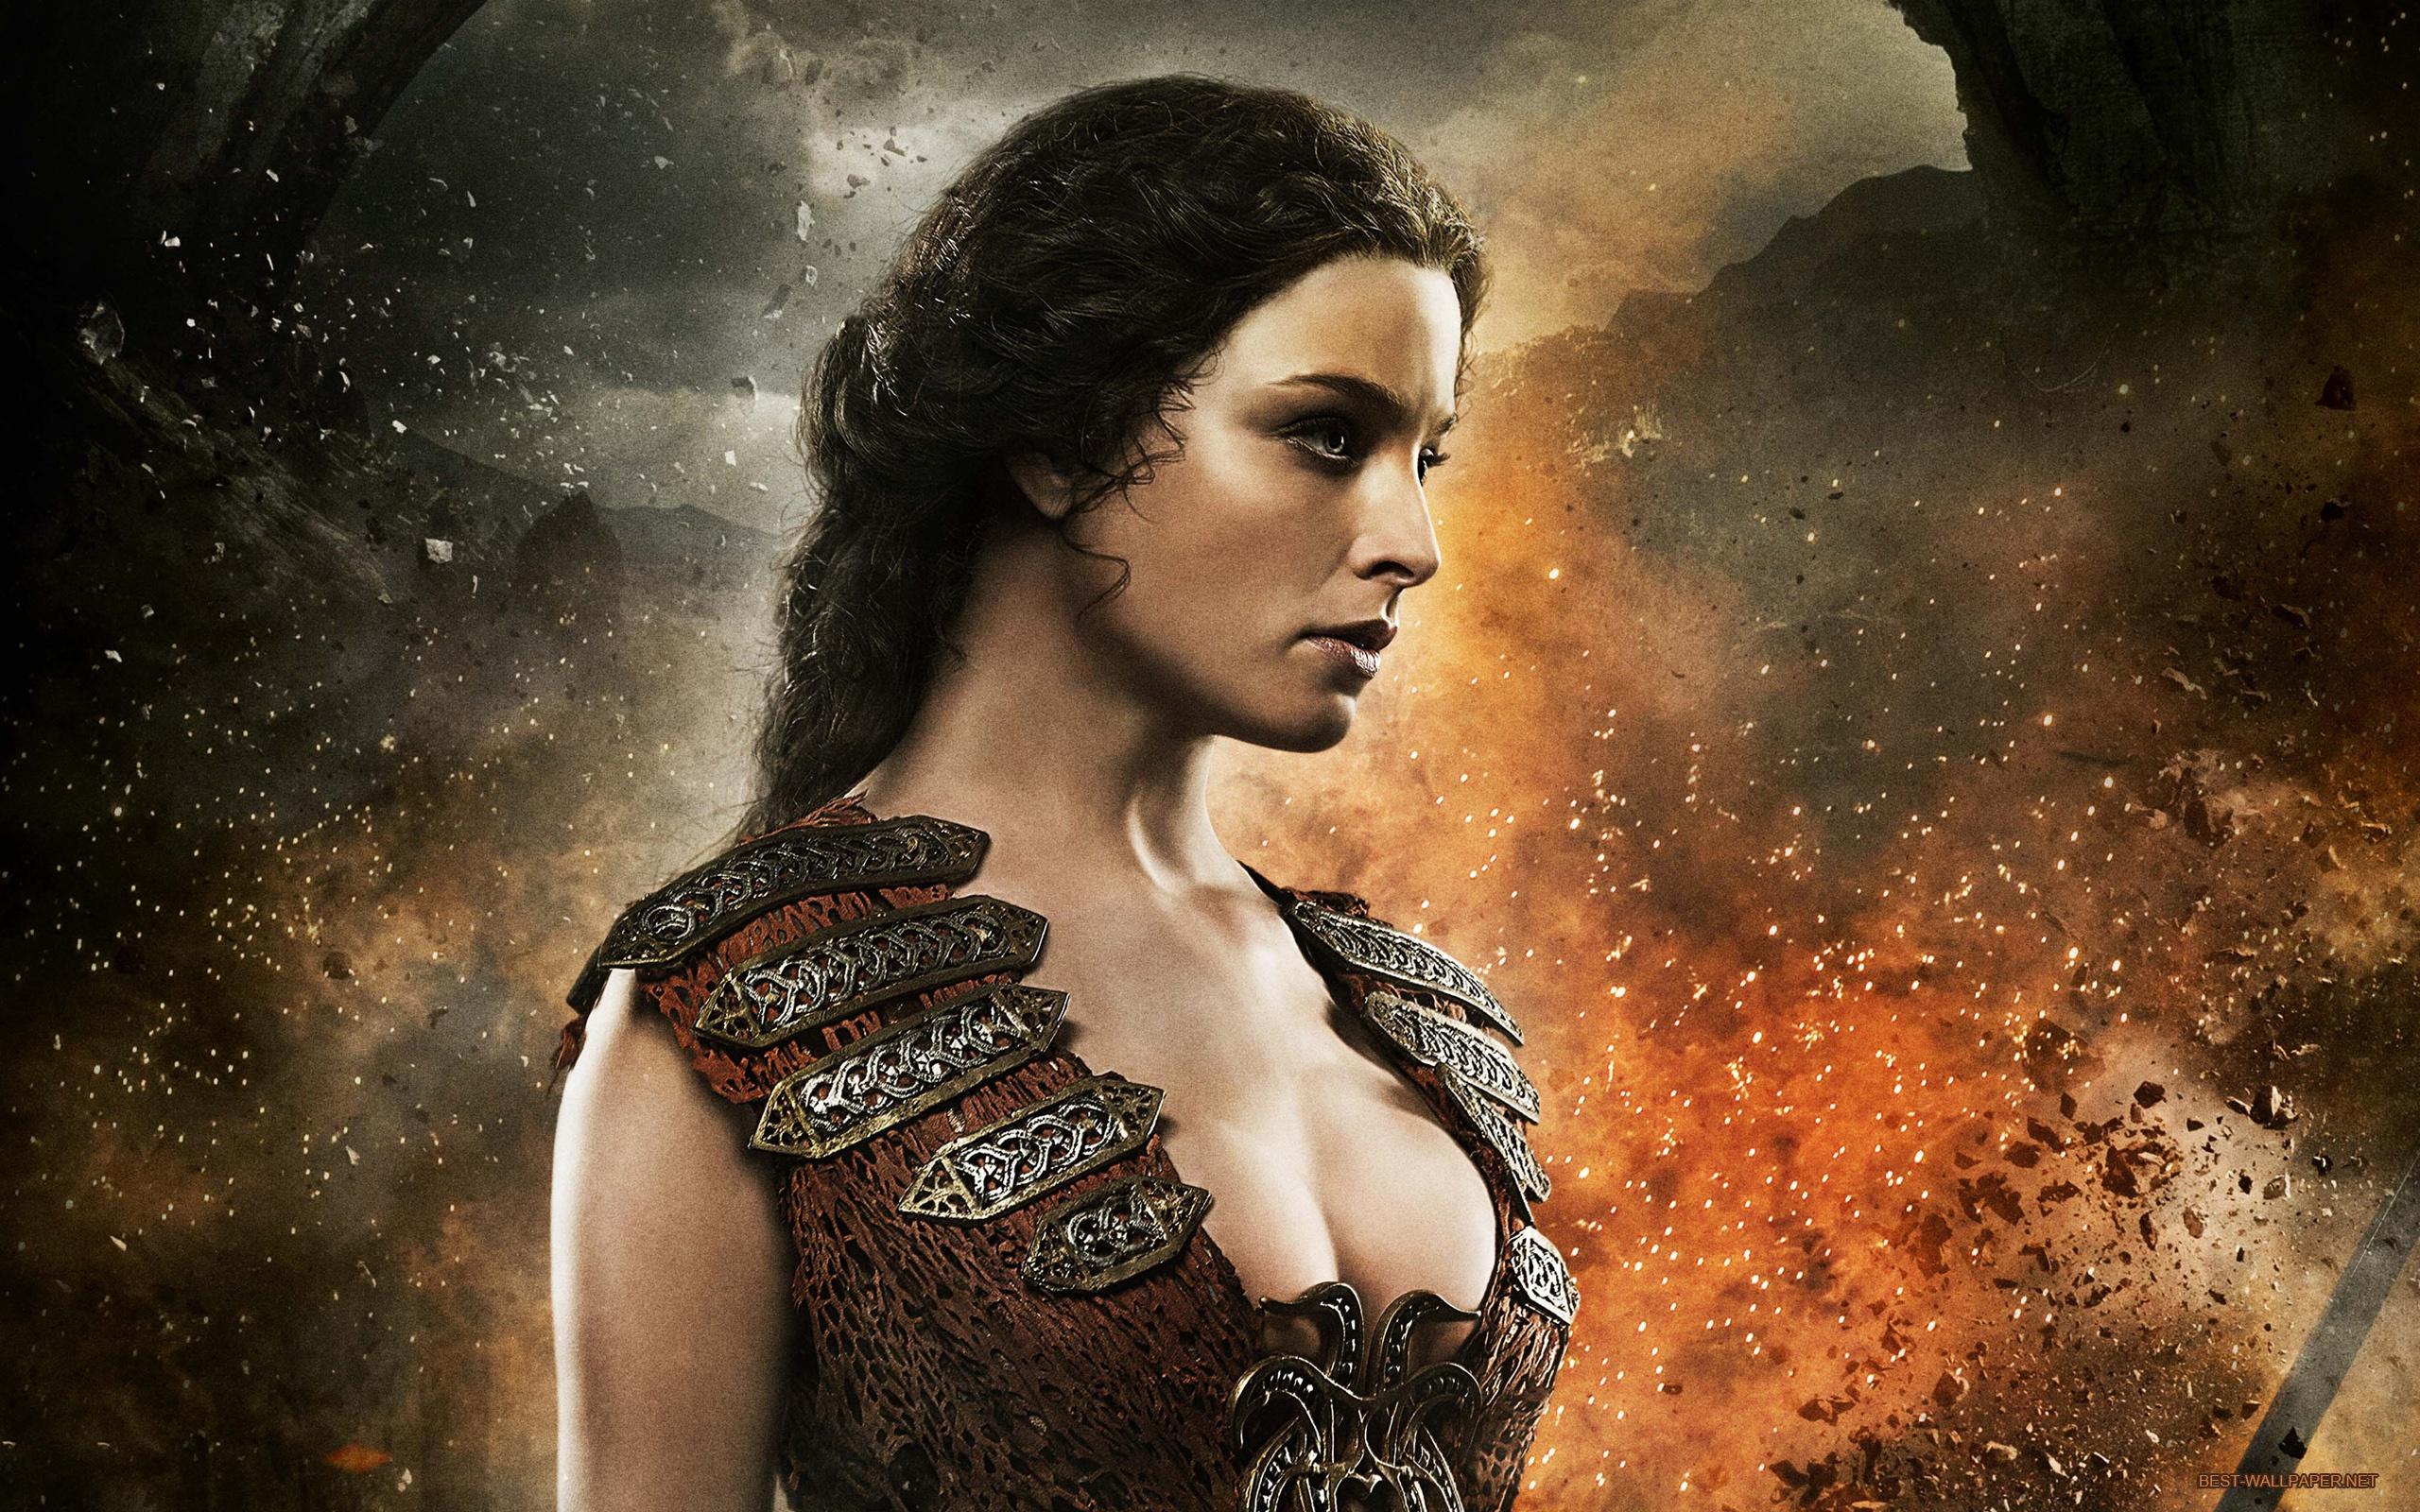 Wallpaper Rachel Nichols In Conan The Barbarian 2560x1600 Hd